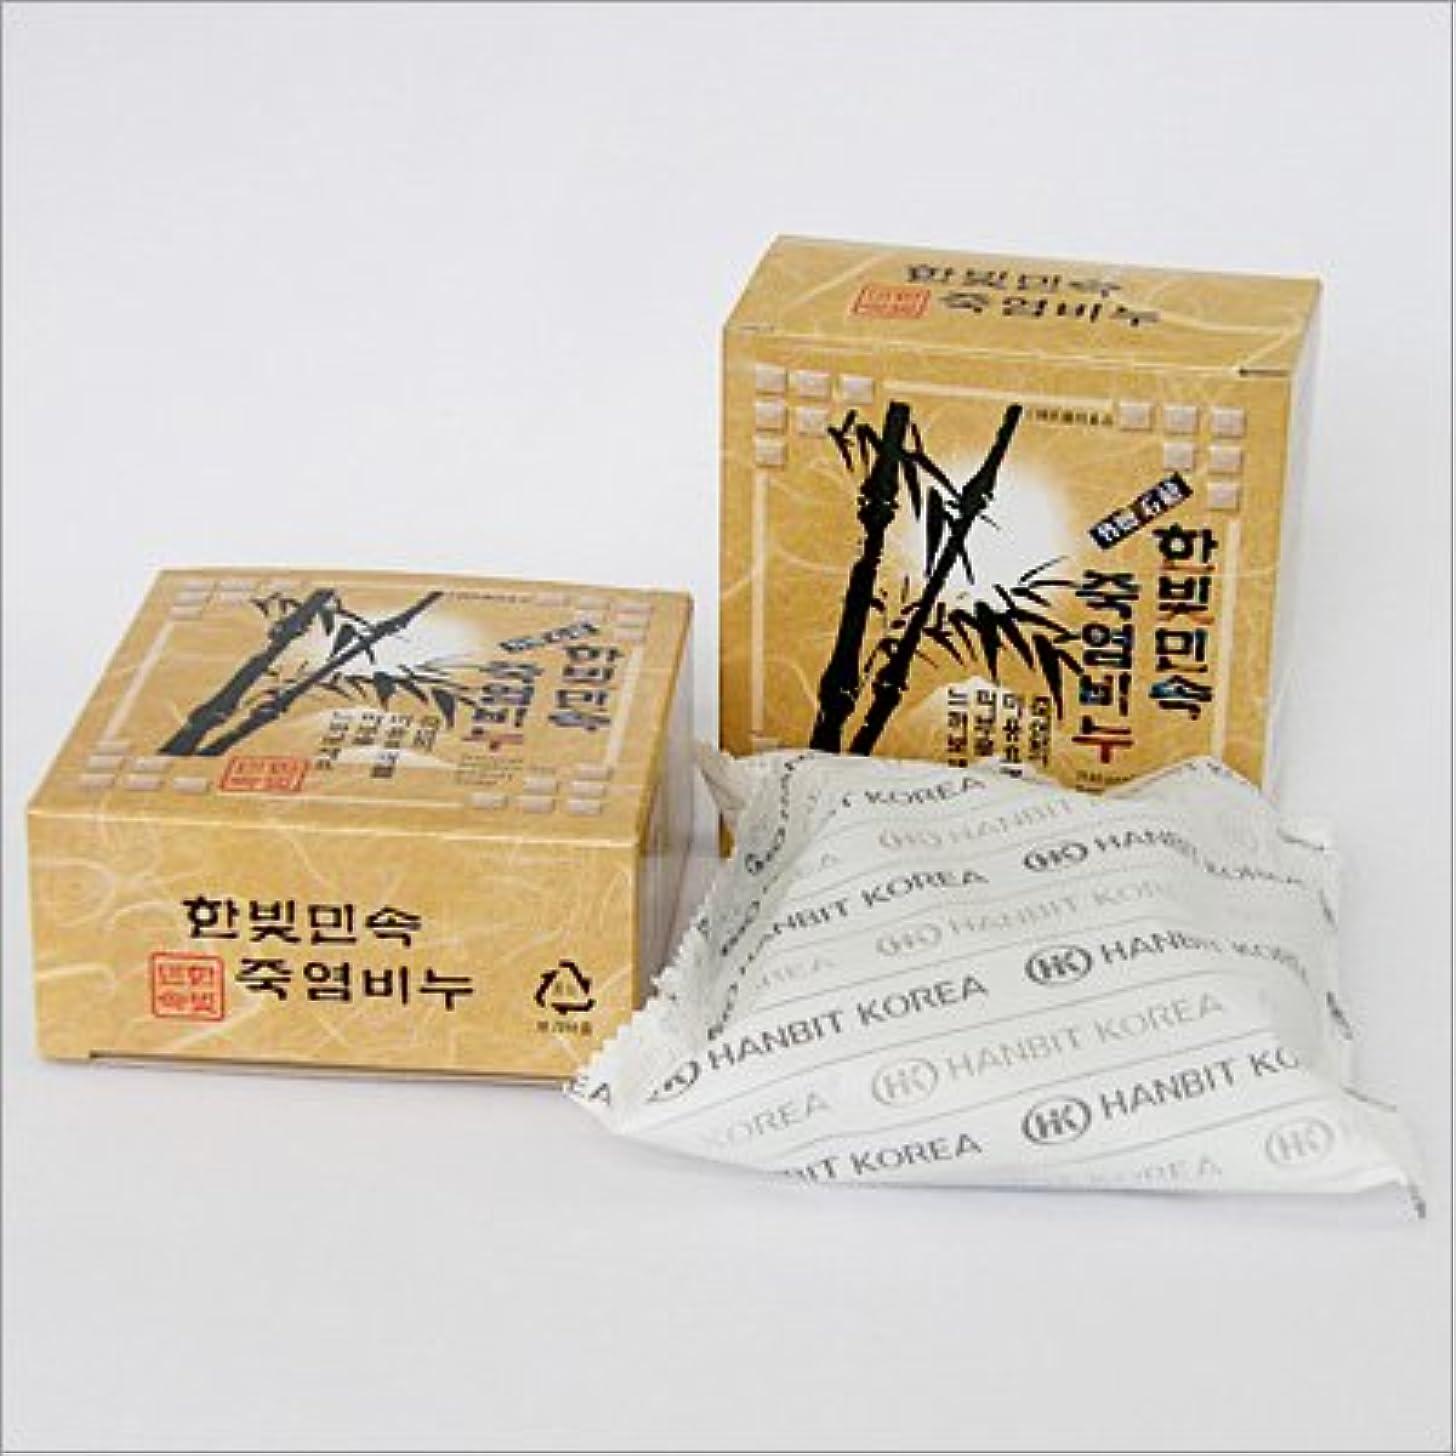 落胆した退化するコークス(韓国ブランド) 韓国直輸入』竹塩石鹸(3個×5セット)